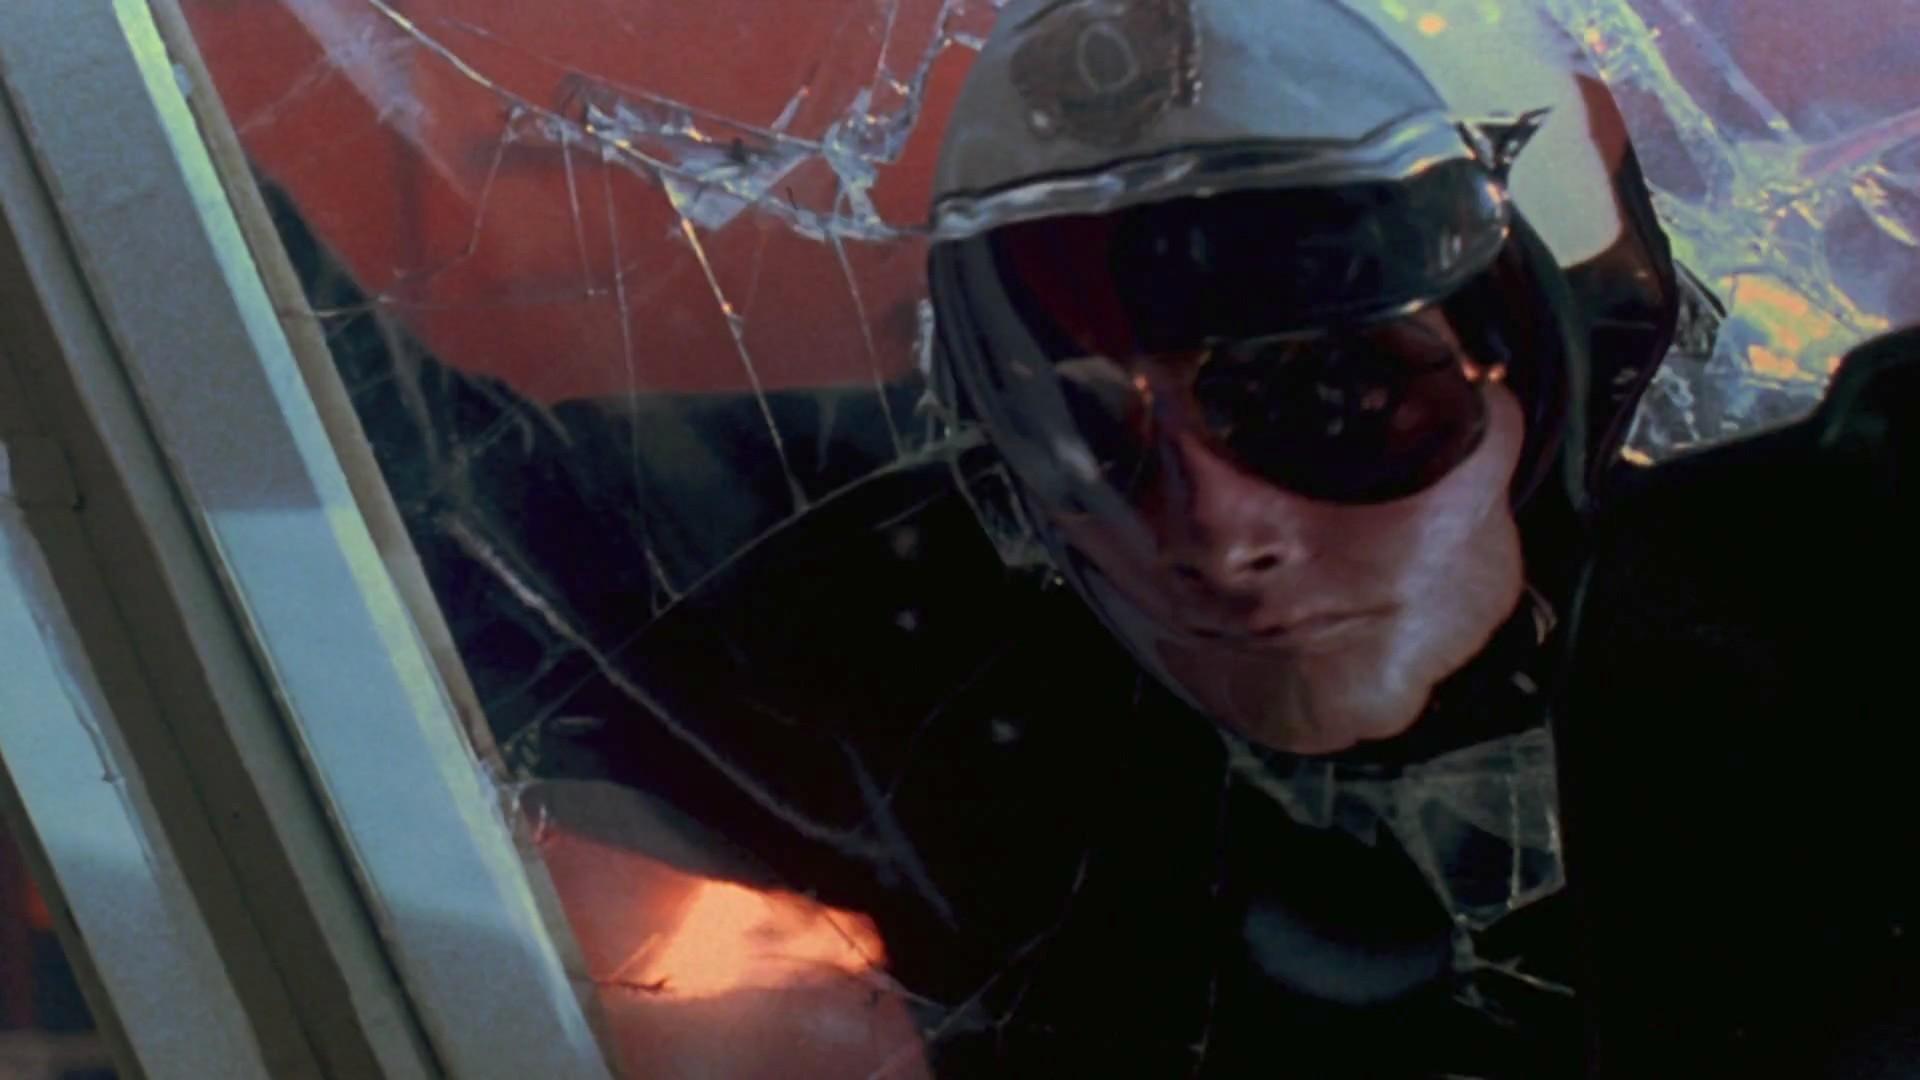 Terminator 2's brilliant game of good-bot/bad-cop / The Dissolve